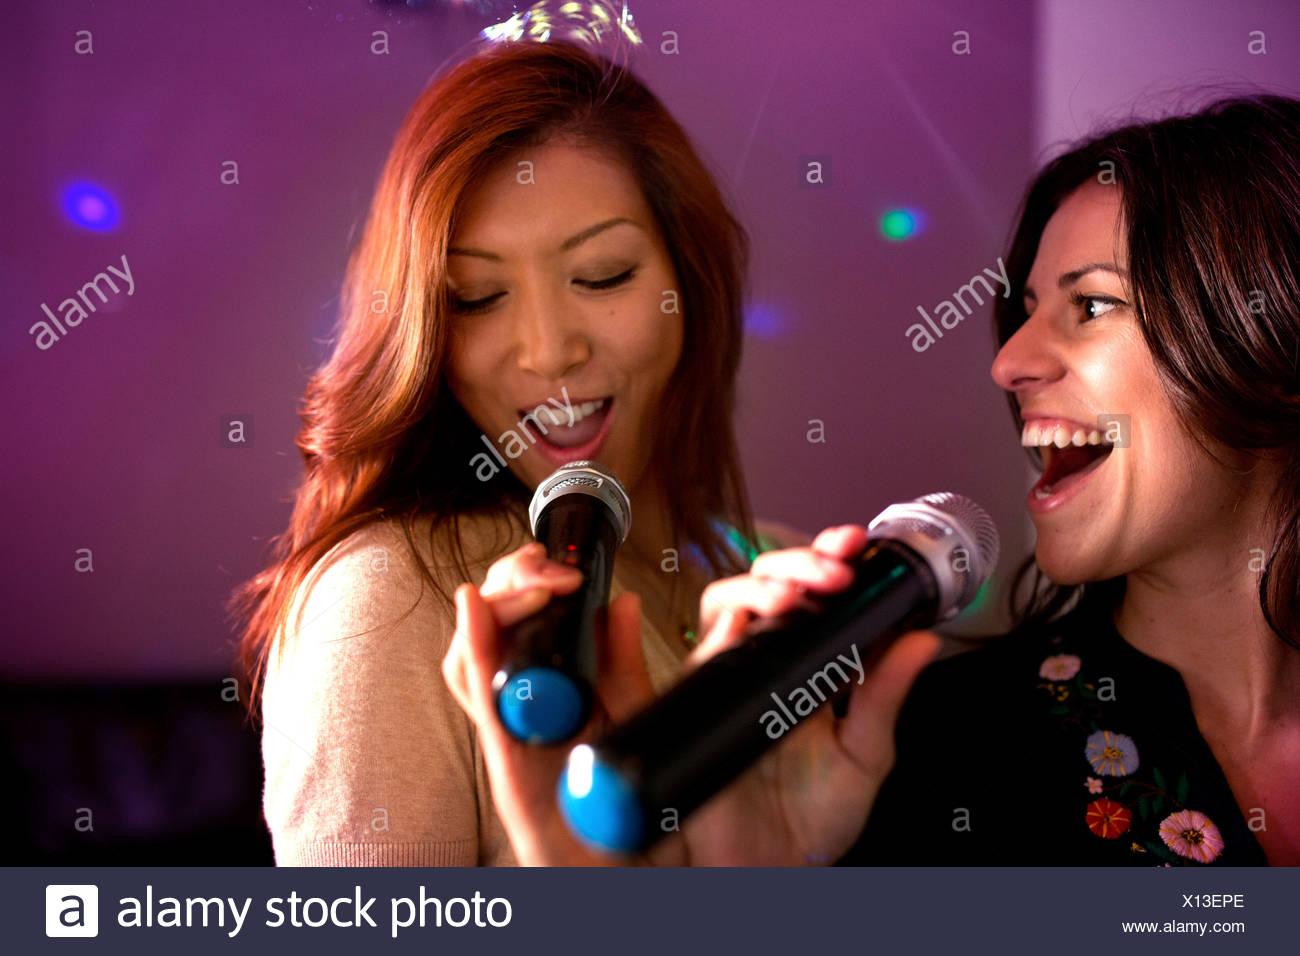 Two women singing karaoke. - Stock Image